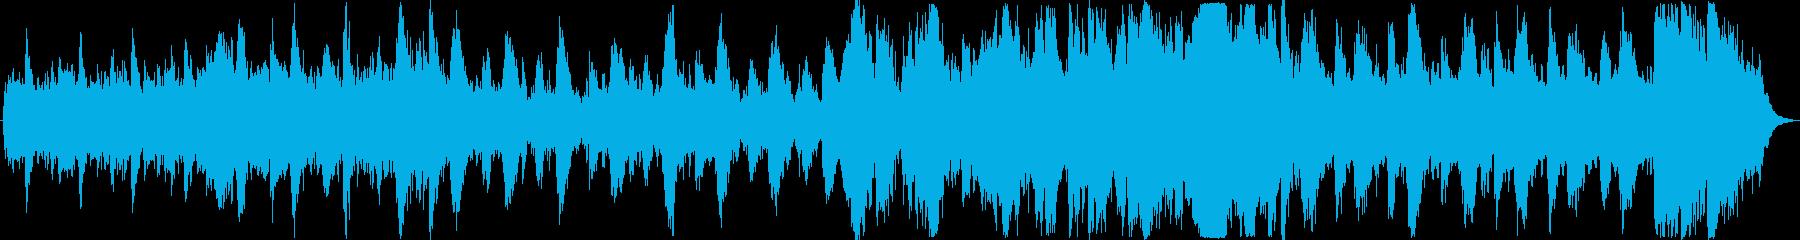 壮大なオーケストラ楽曲の再生済みの波形